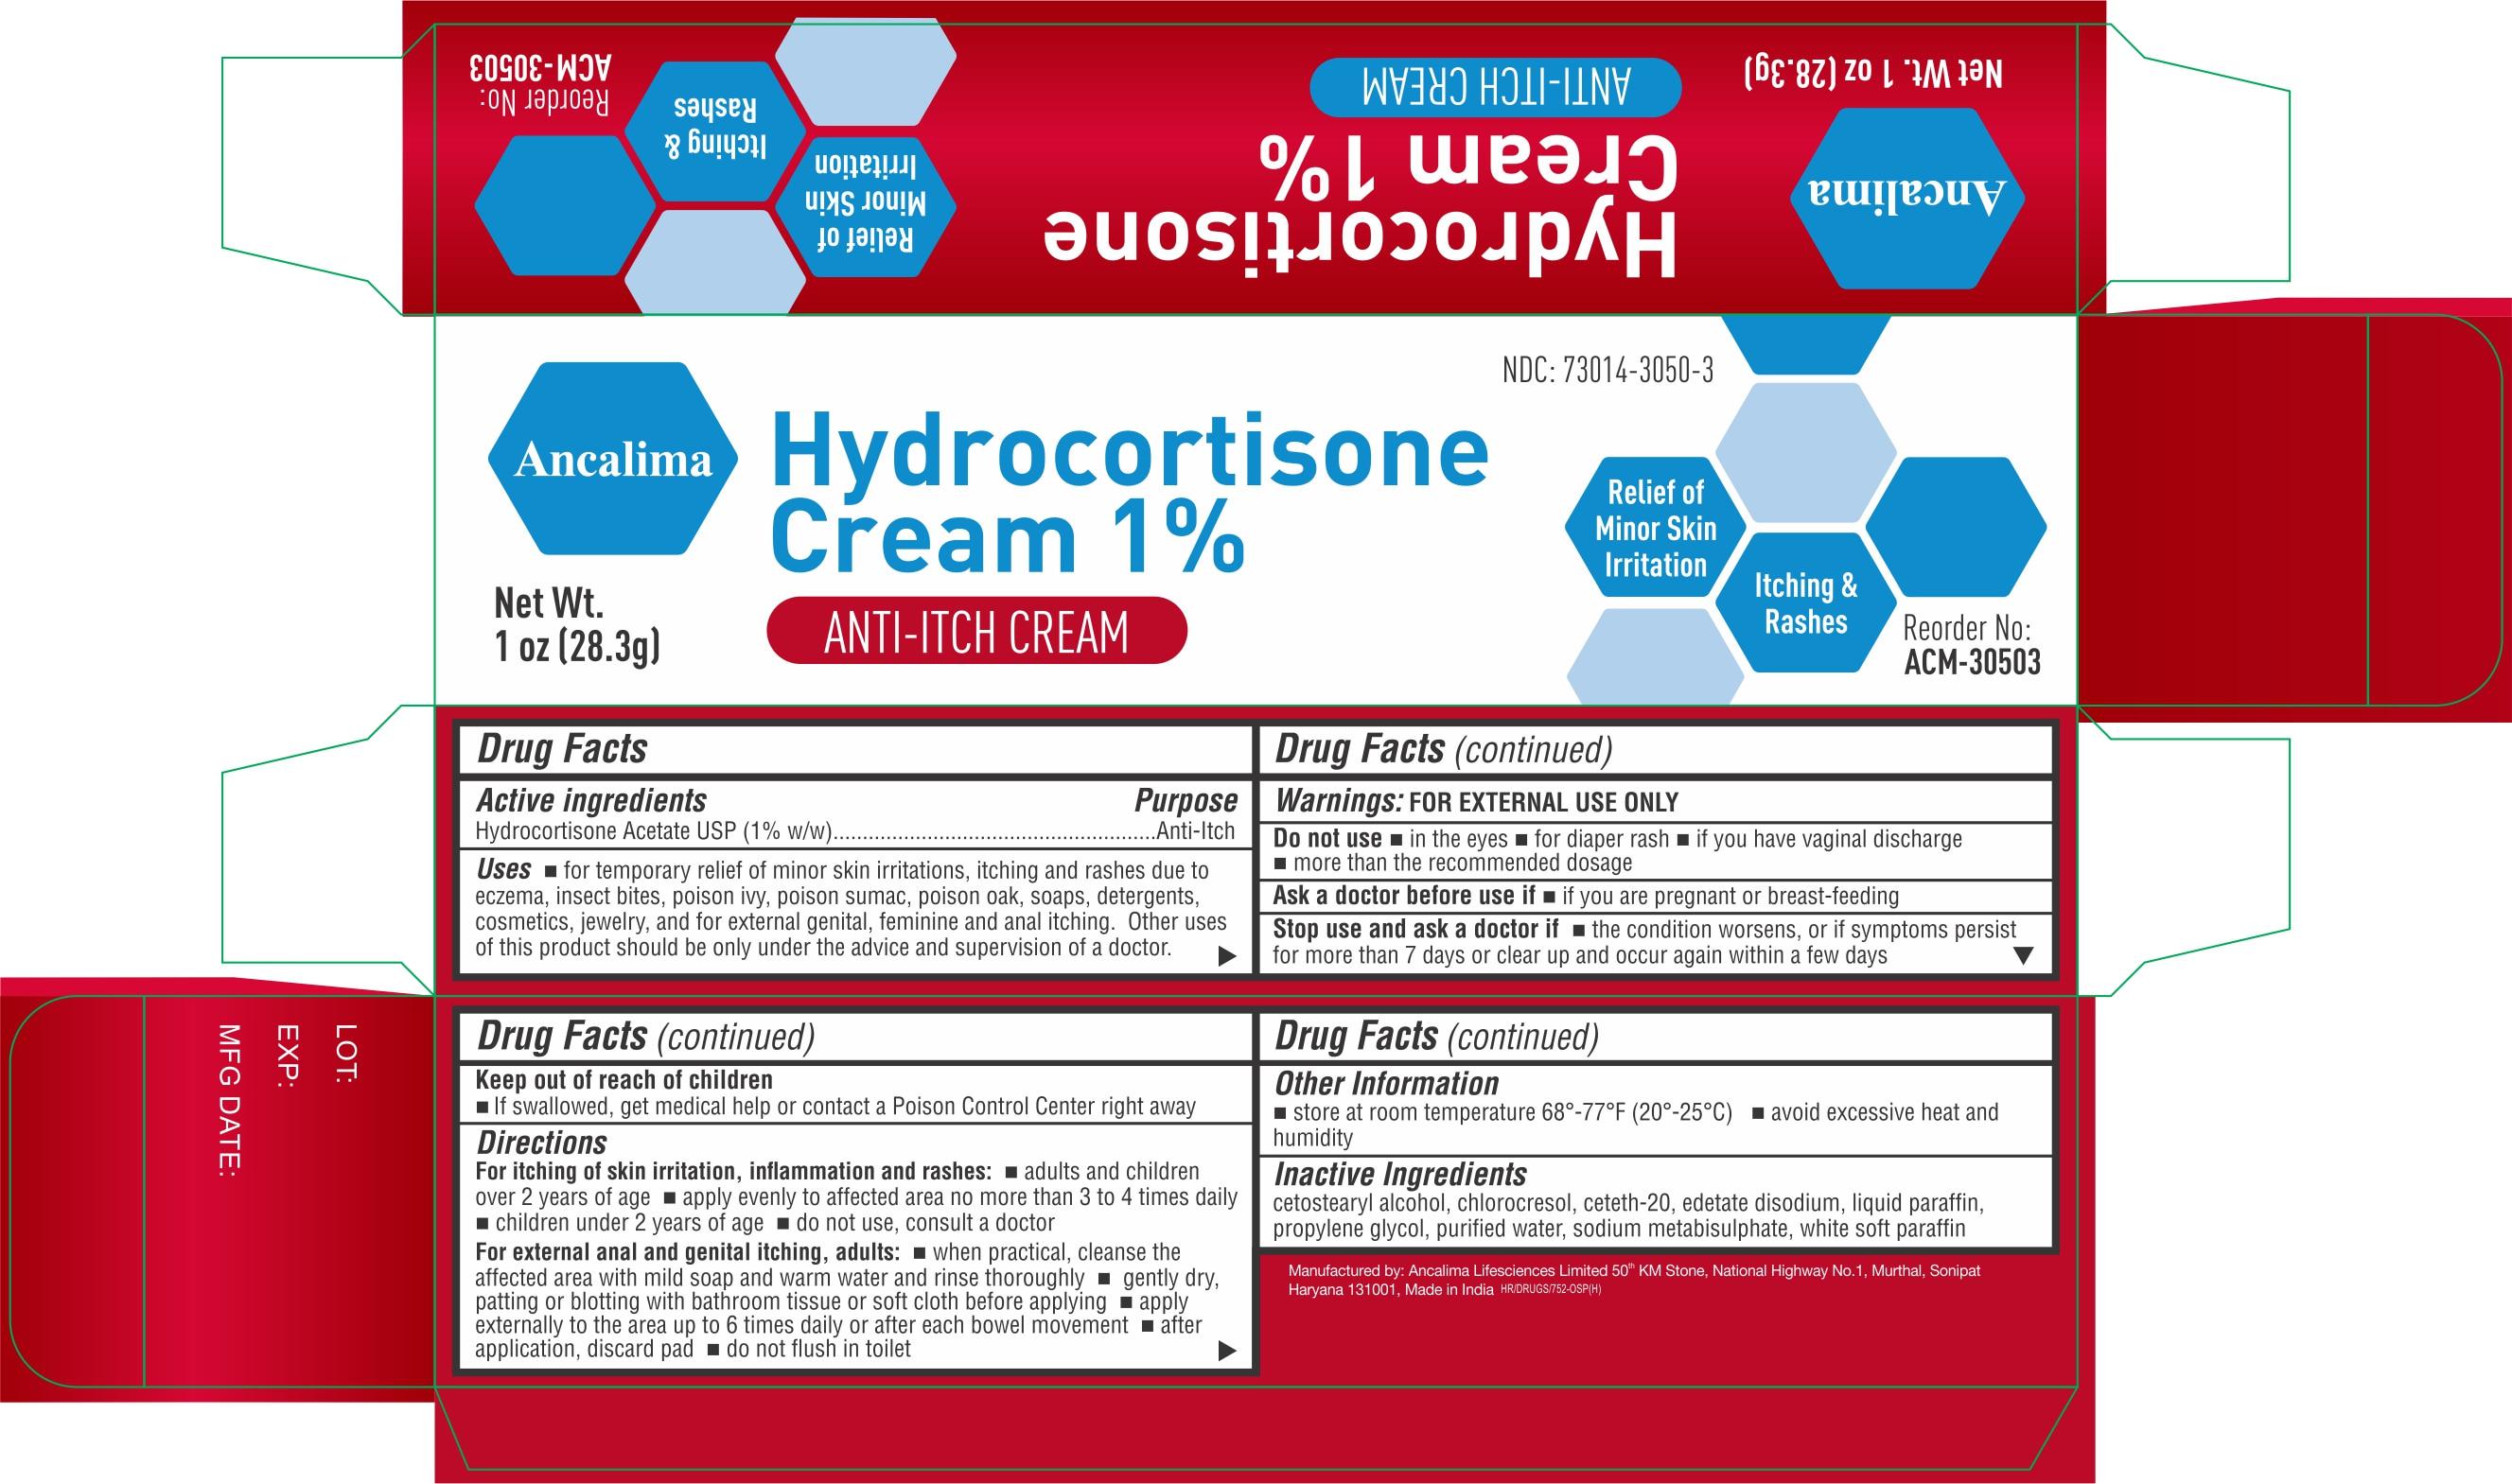 Principal & Drug Fact Panel